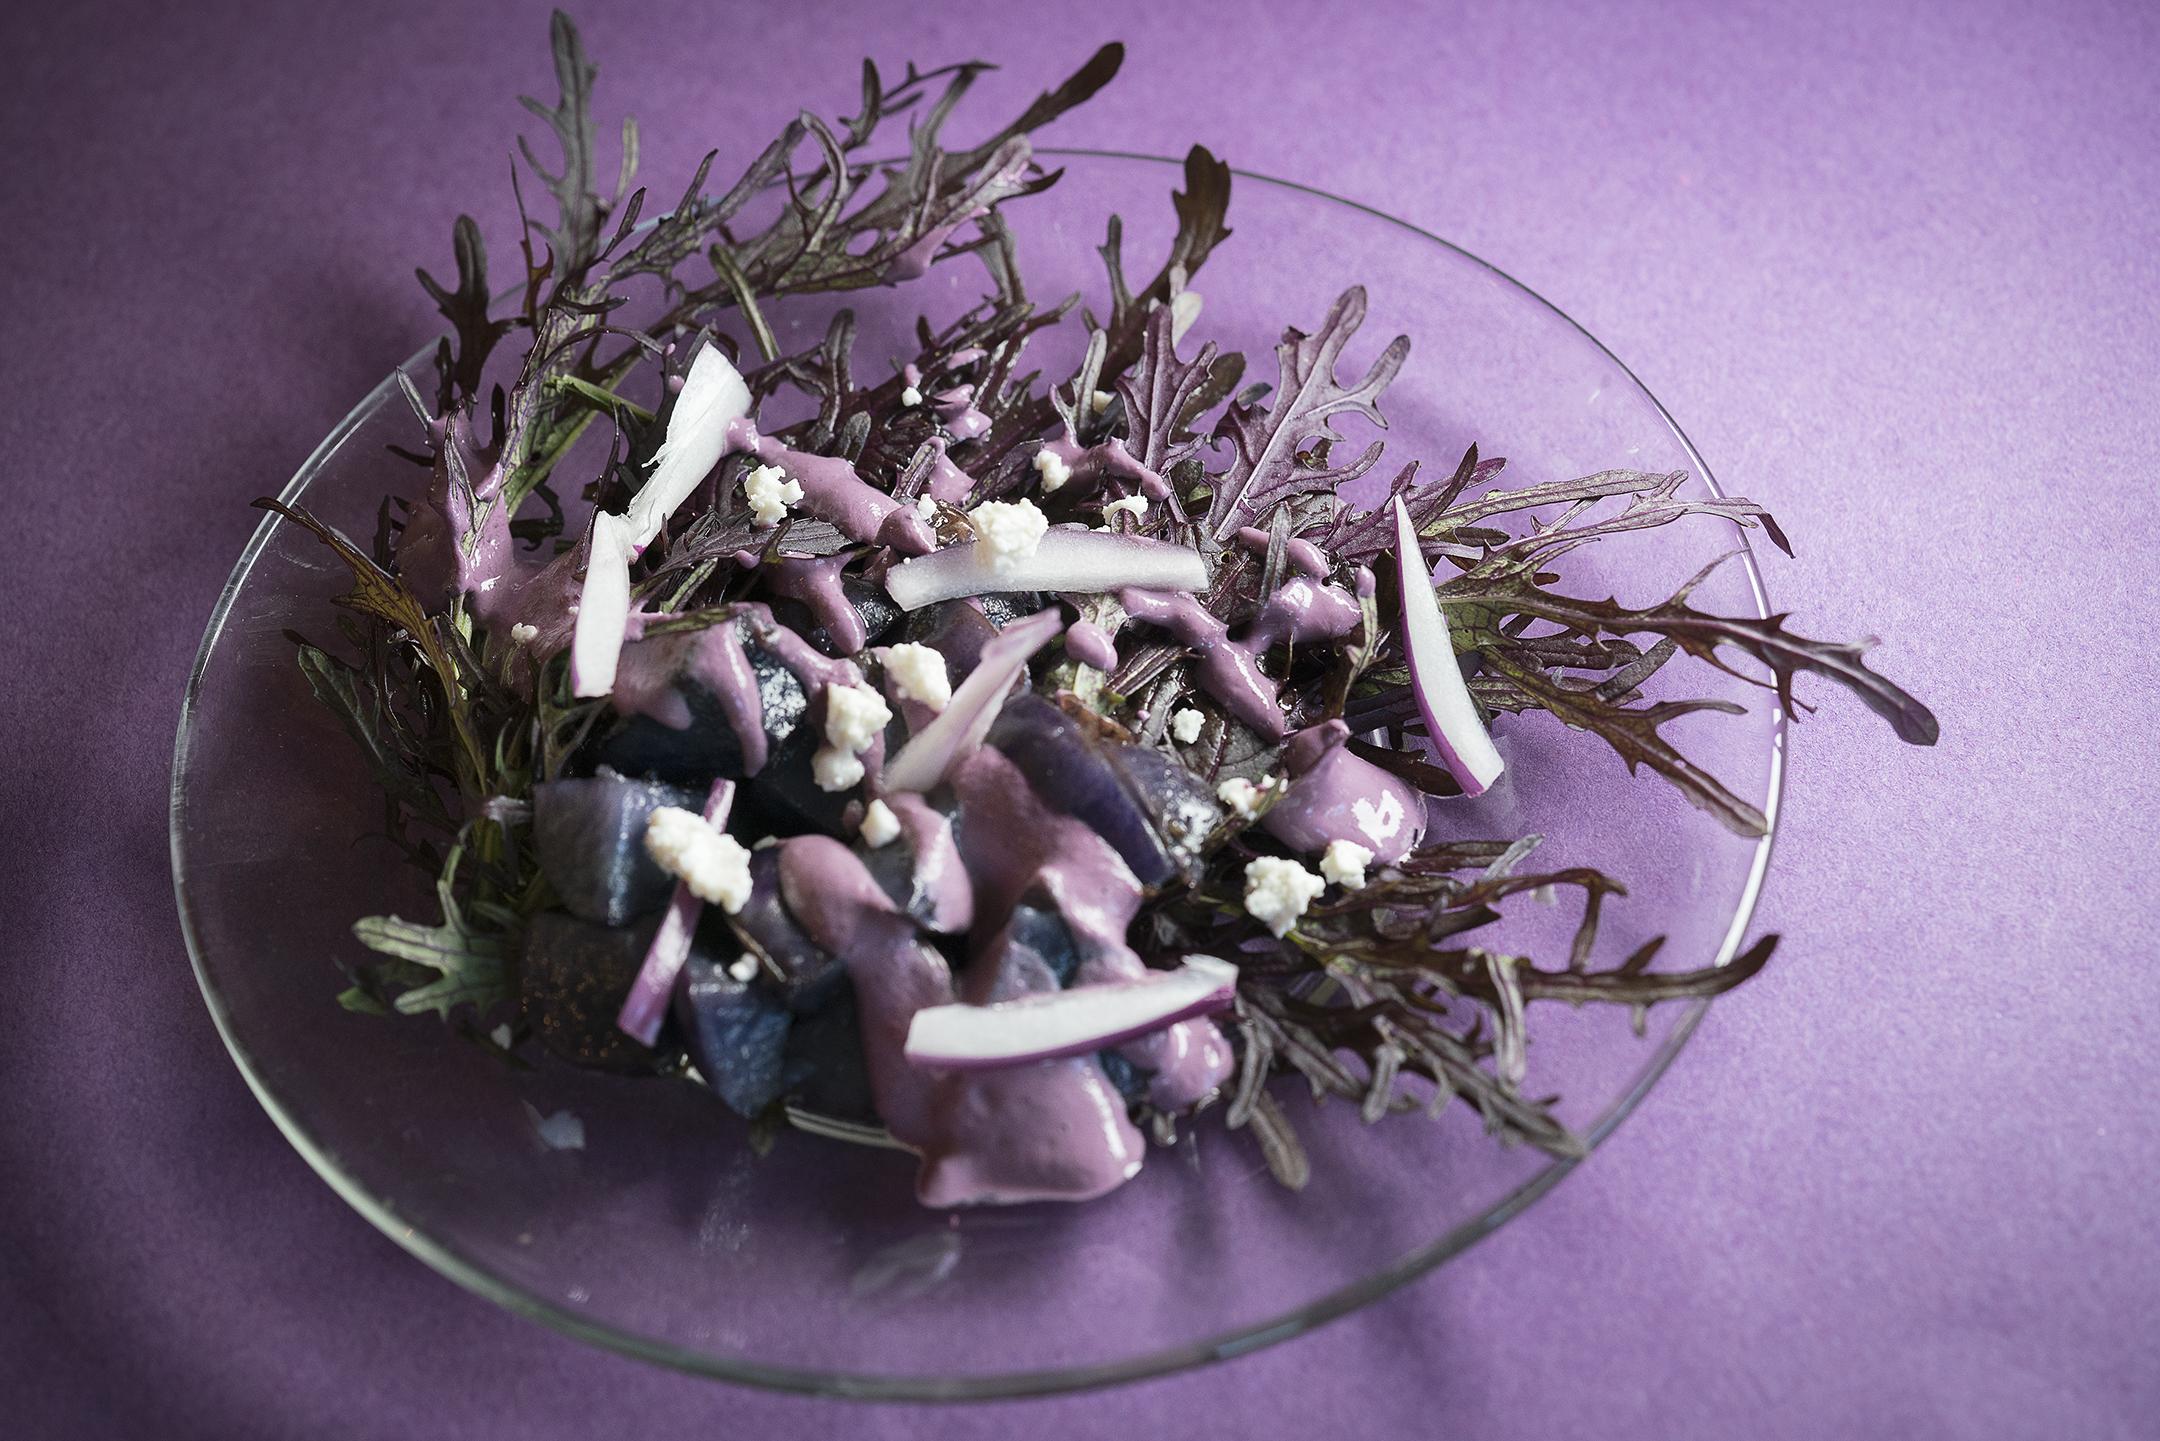 lady-fern-salad-01-050216.jpg